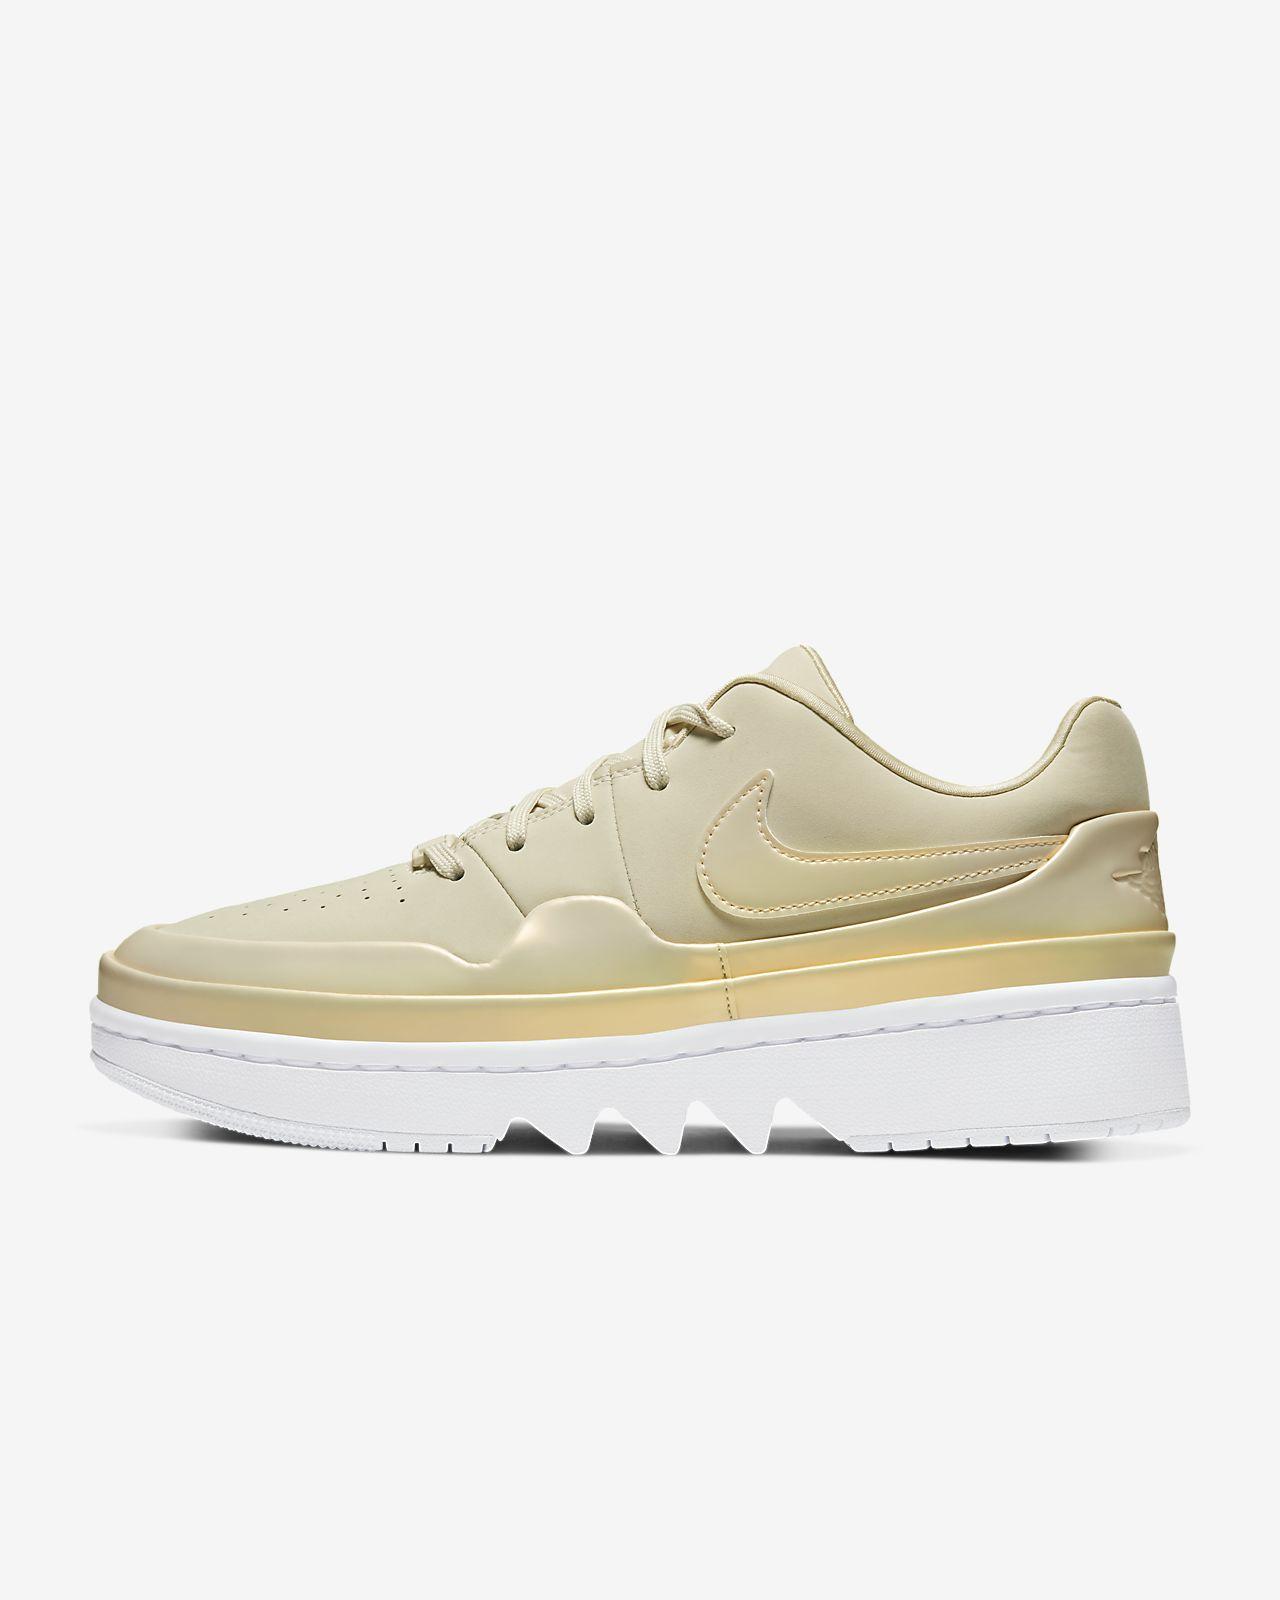 Air Jordan 1 Jester XX Low Laced SE Women's Shoe